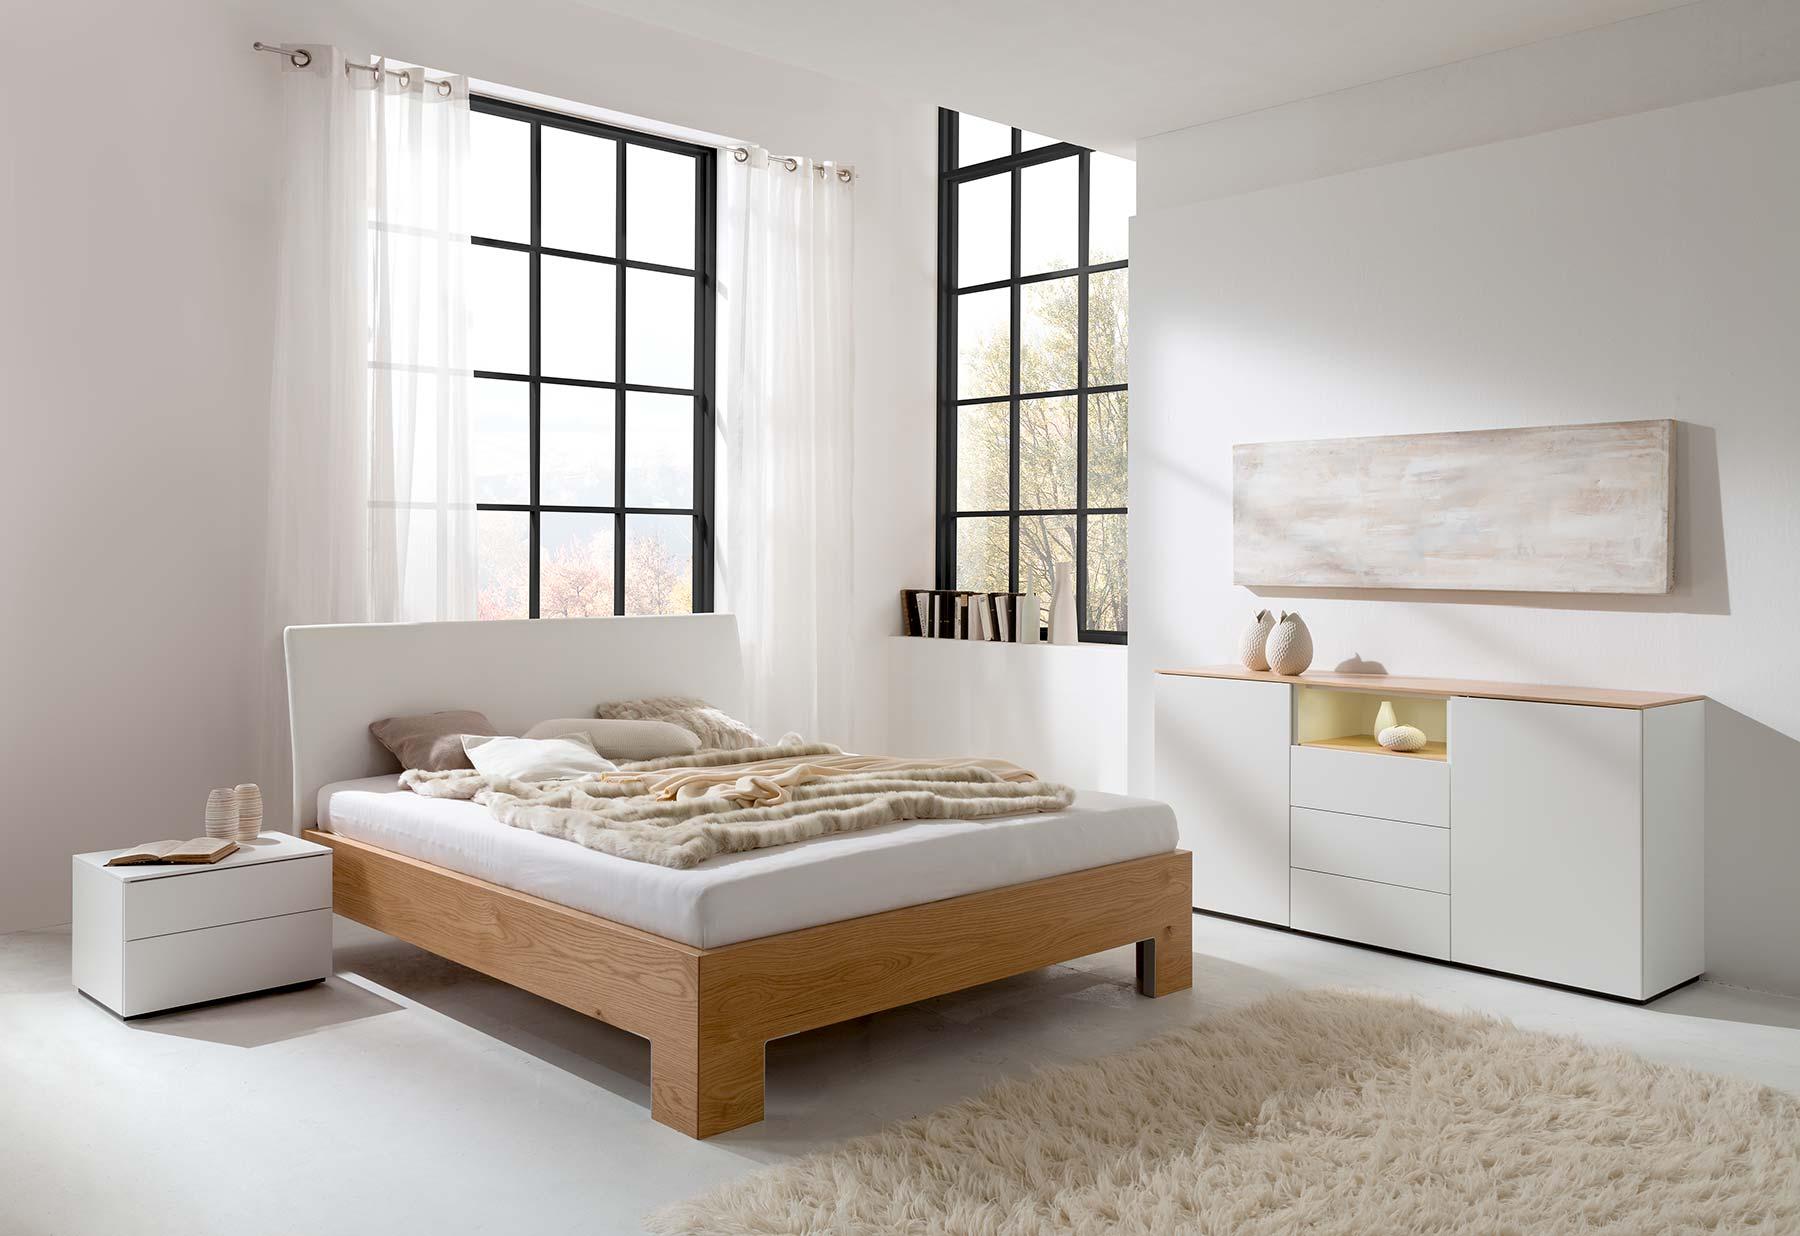 15 Holzbett Mit Komforthöhe Und Gepolstertem Kopfteil Dazu Passende Kommode